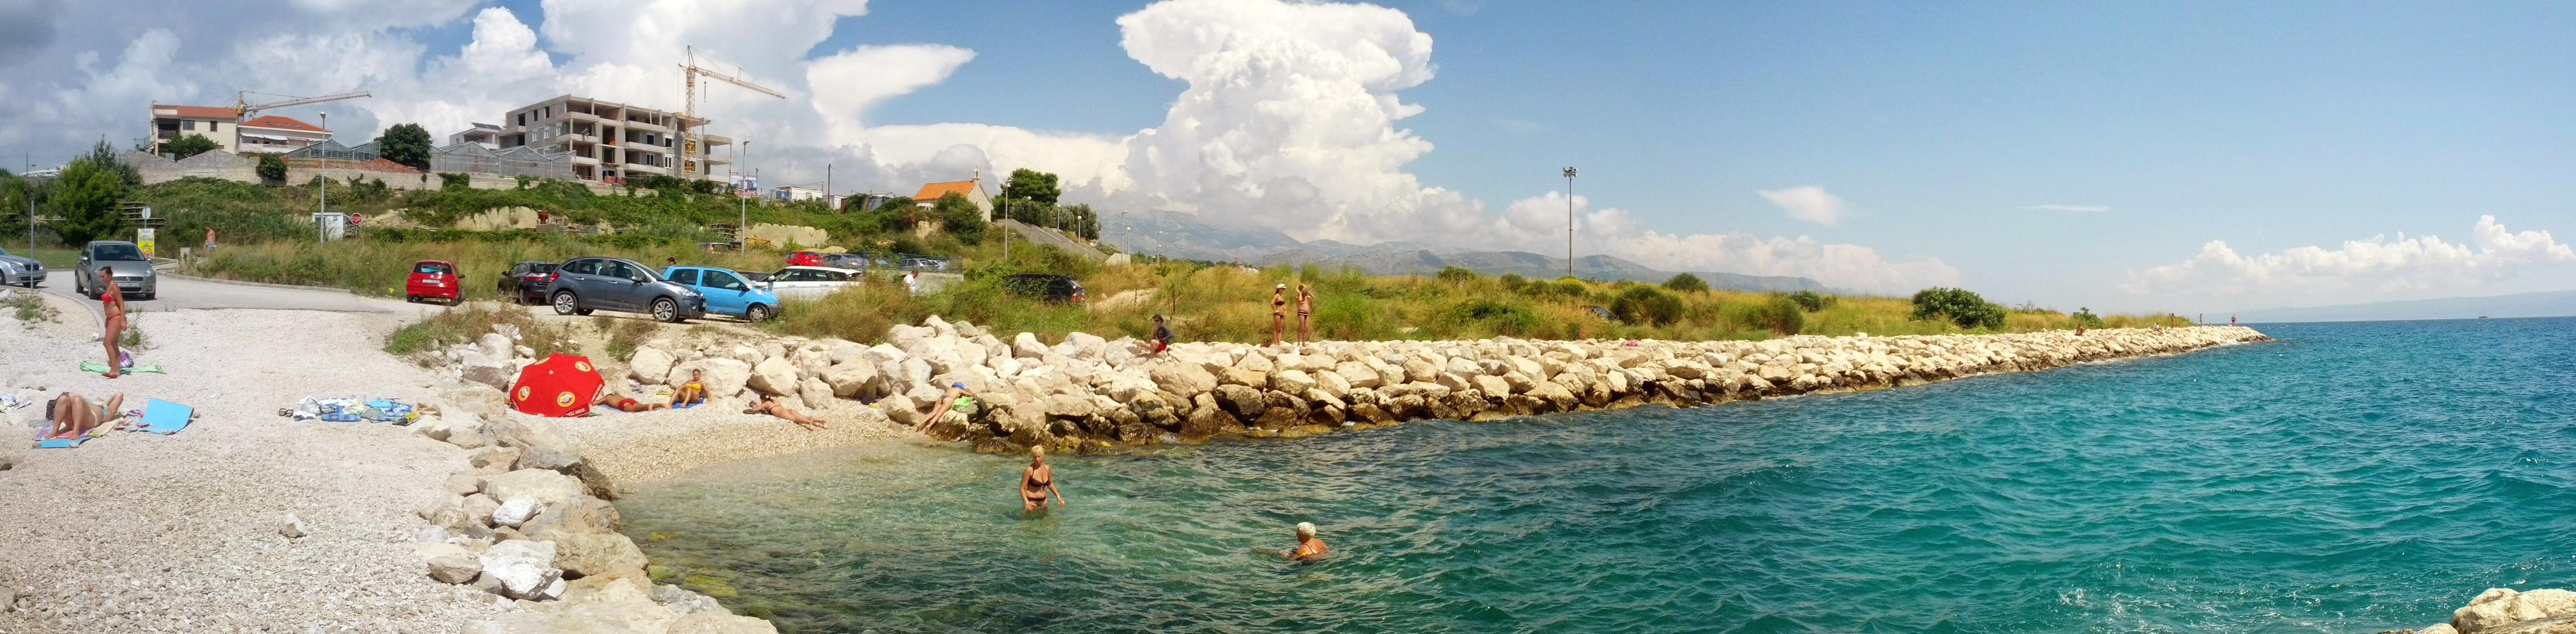 Croatia Split beach Znjan panorama.jpg